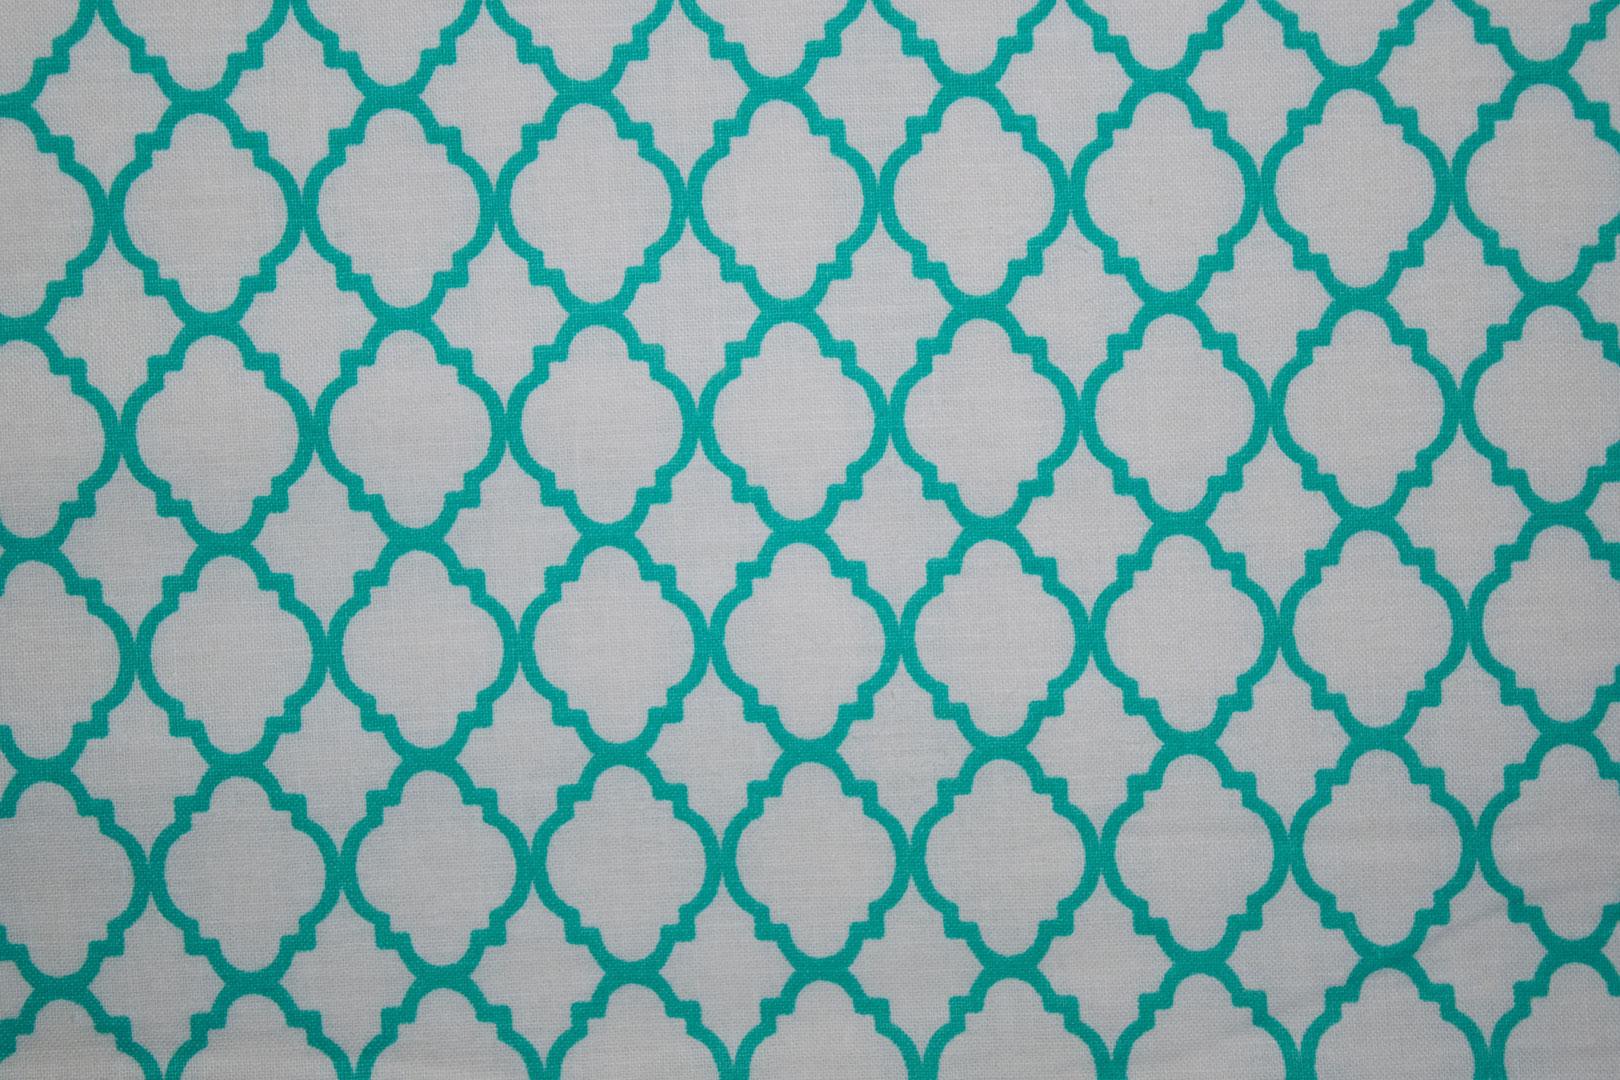 200_48974_turquoise